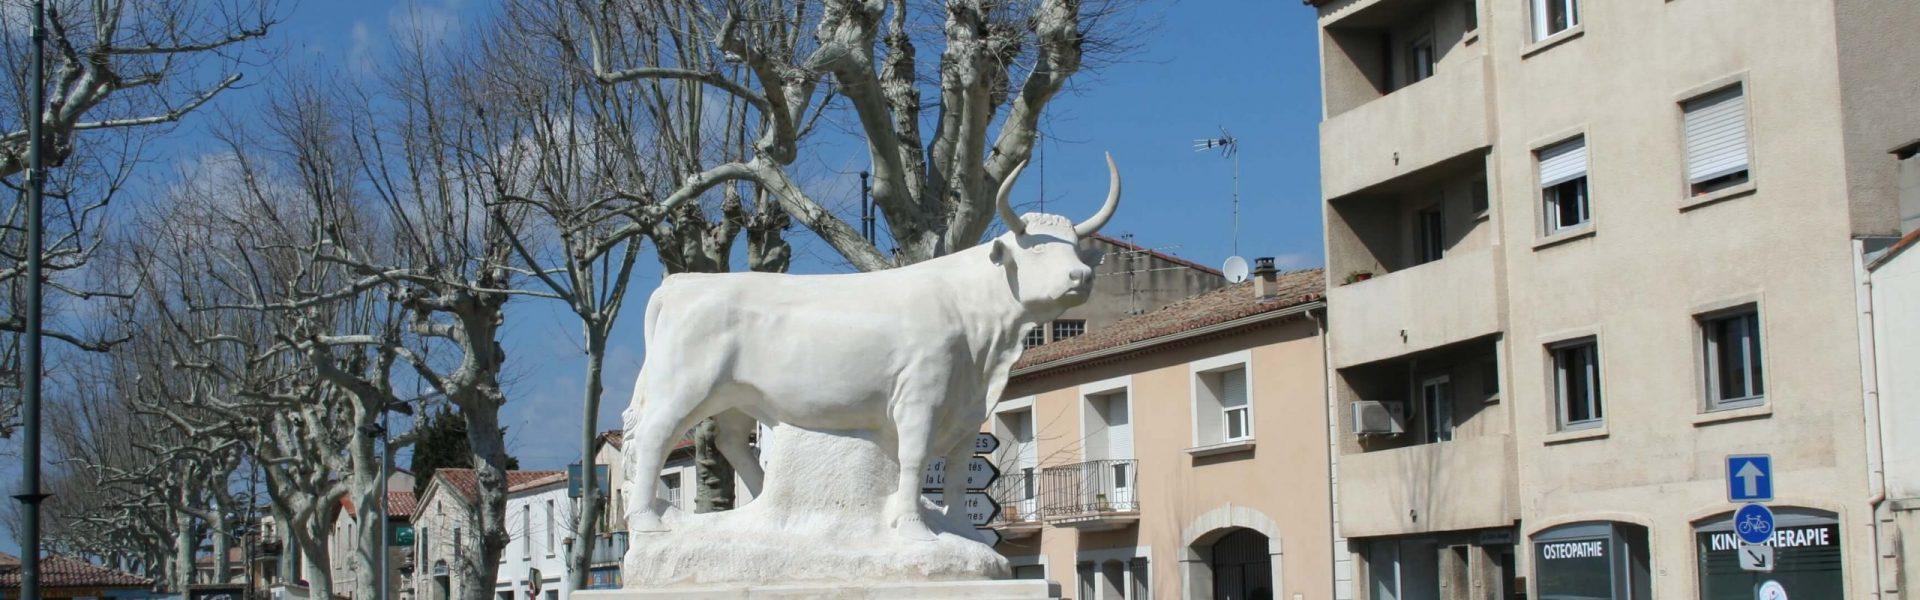 Statut Muscadet de Mauguio